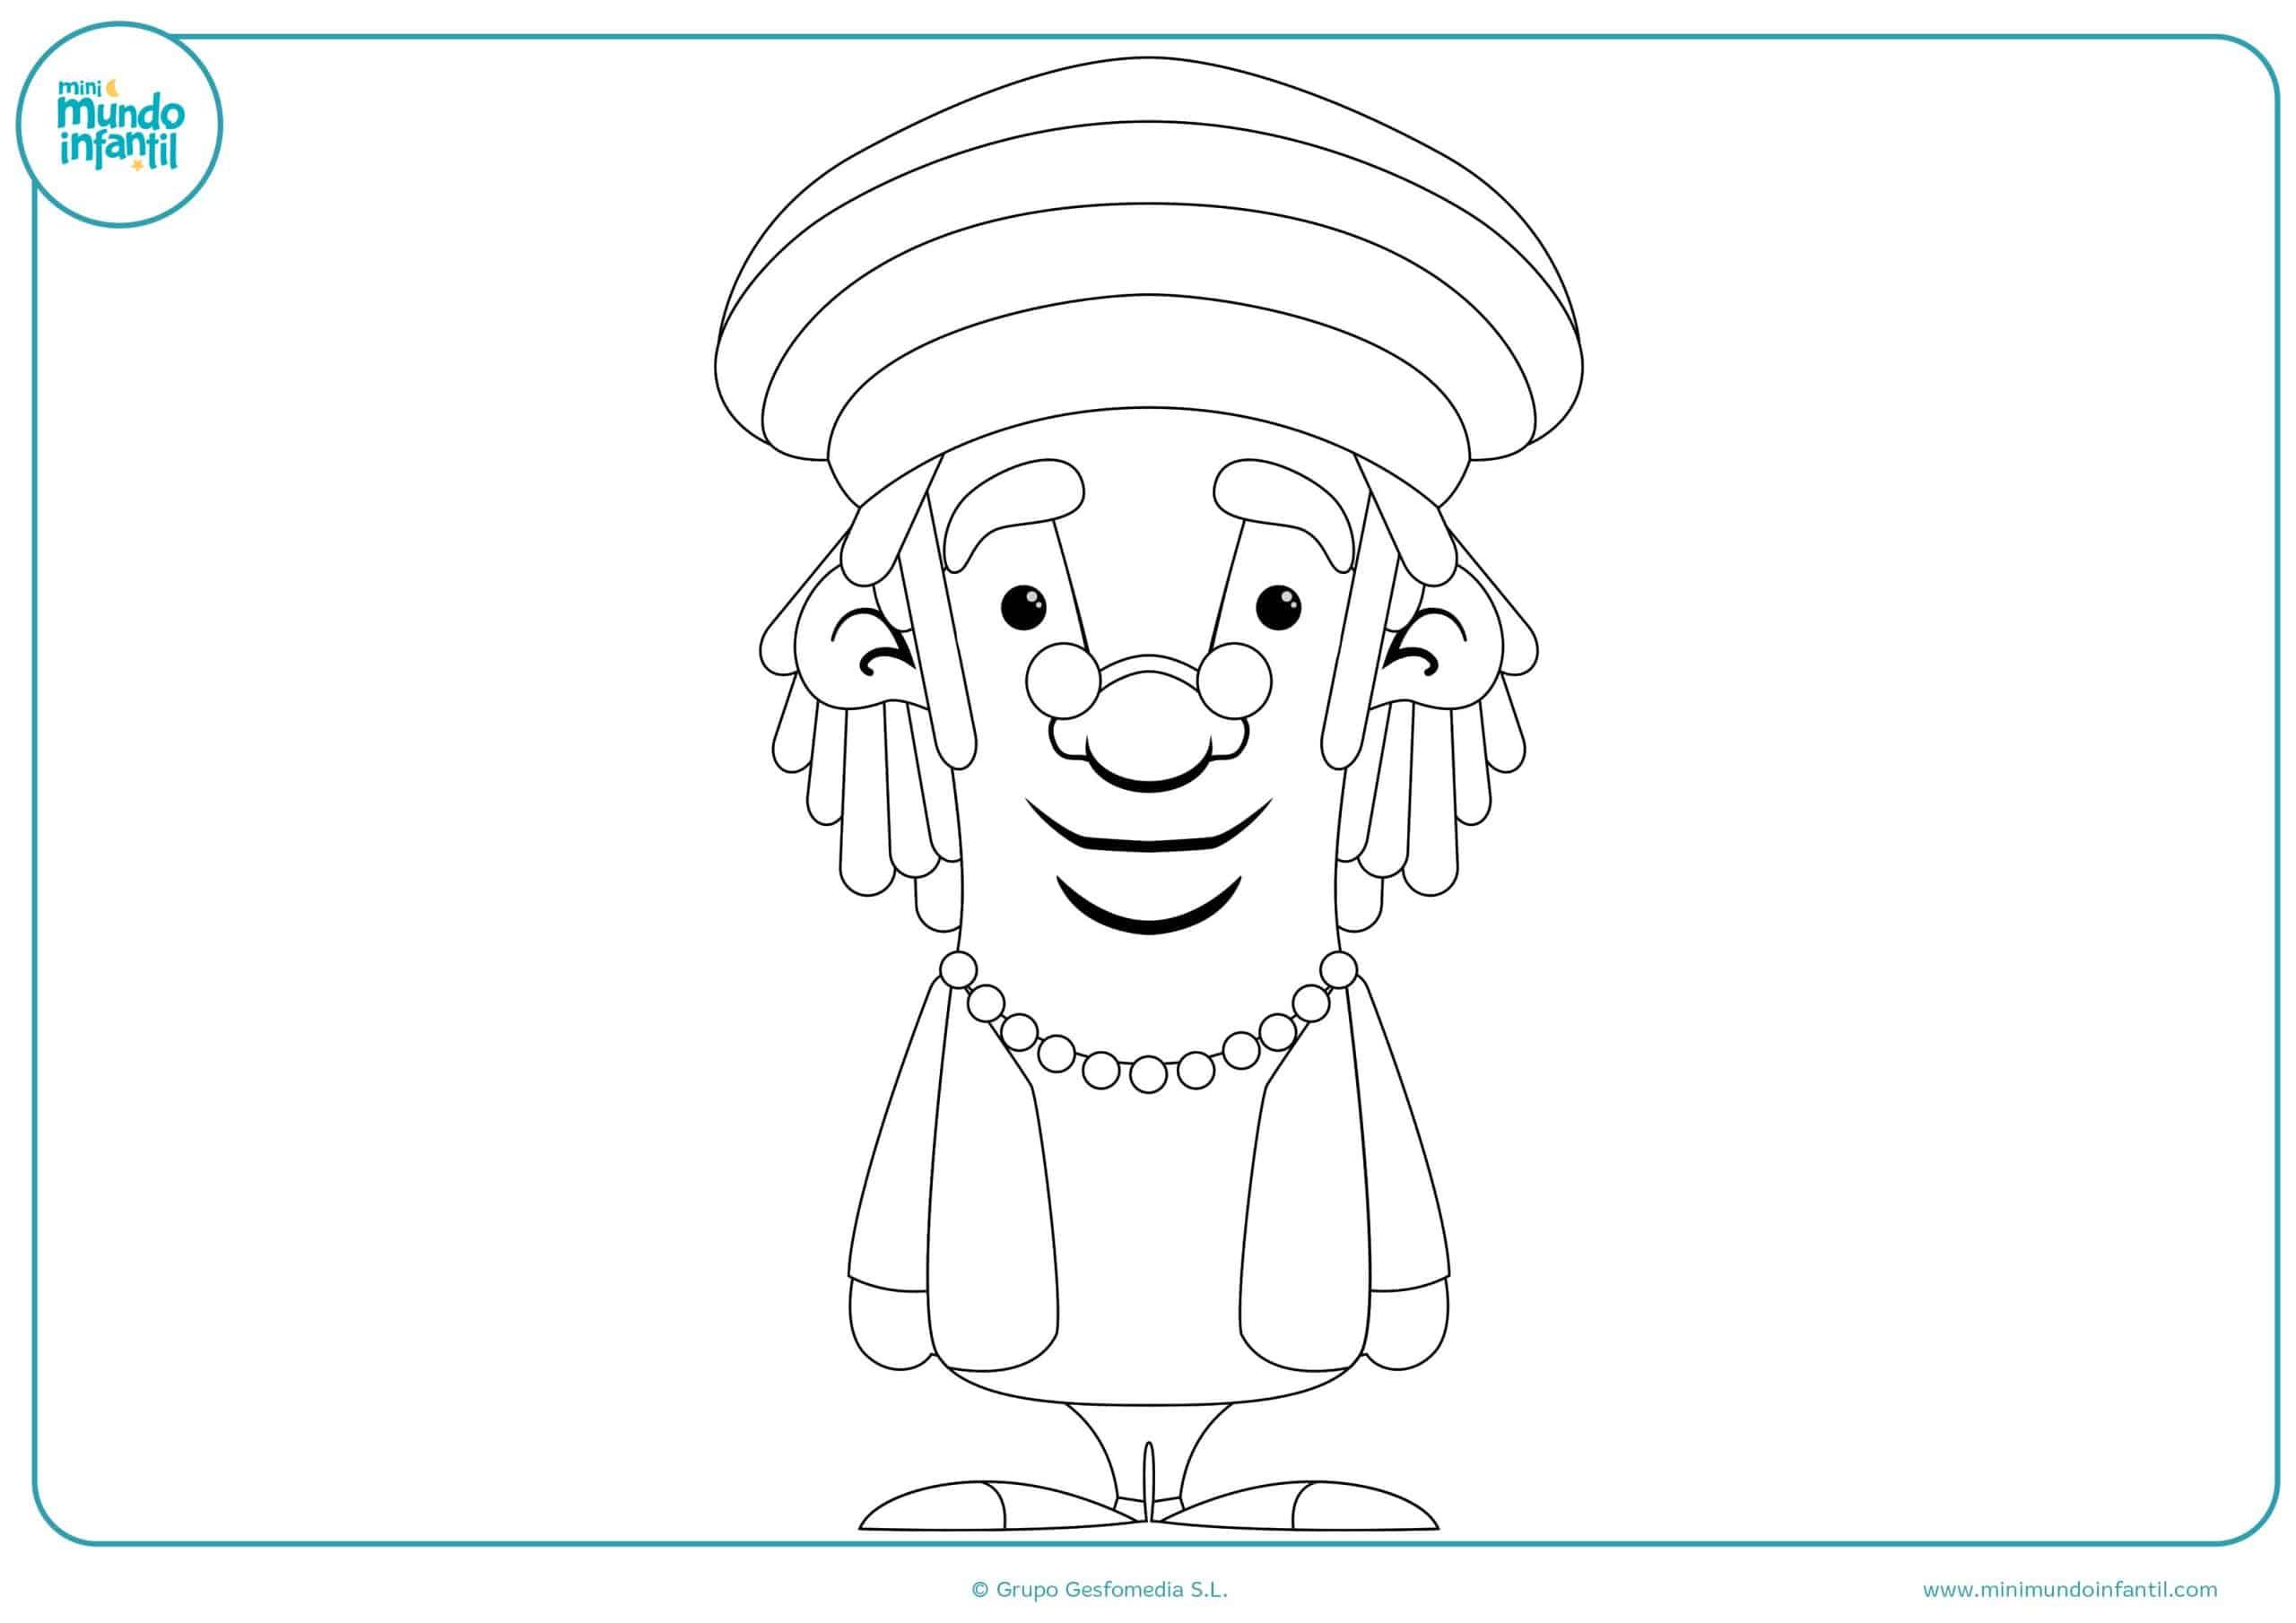 Dibujos Animados Para Colorear: Dibujos De Las Culturas Del Mundo Para Colorear